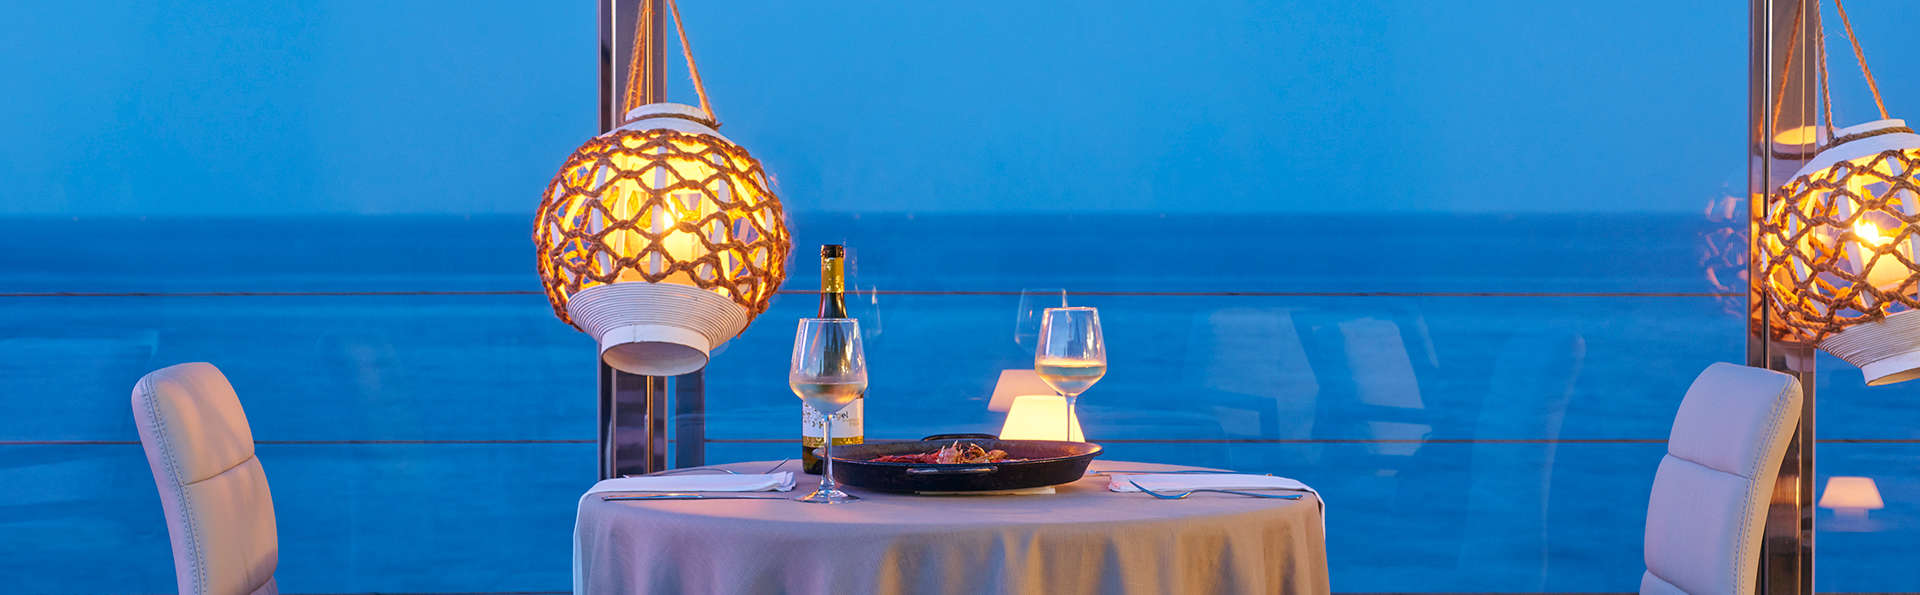 Escapade romantique au bord de la mer avec dîner aux chandelles à Guardamar